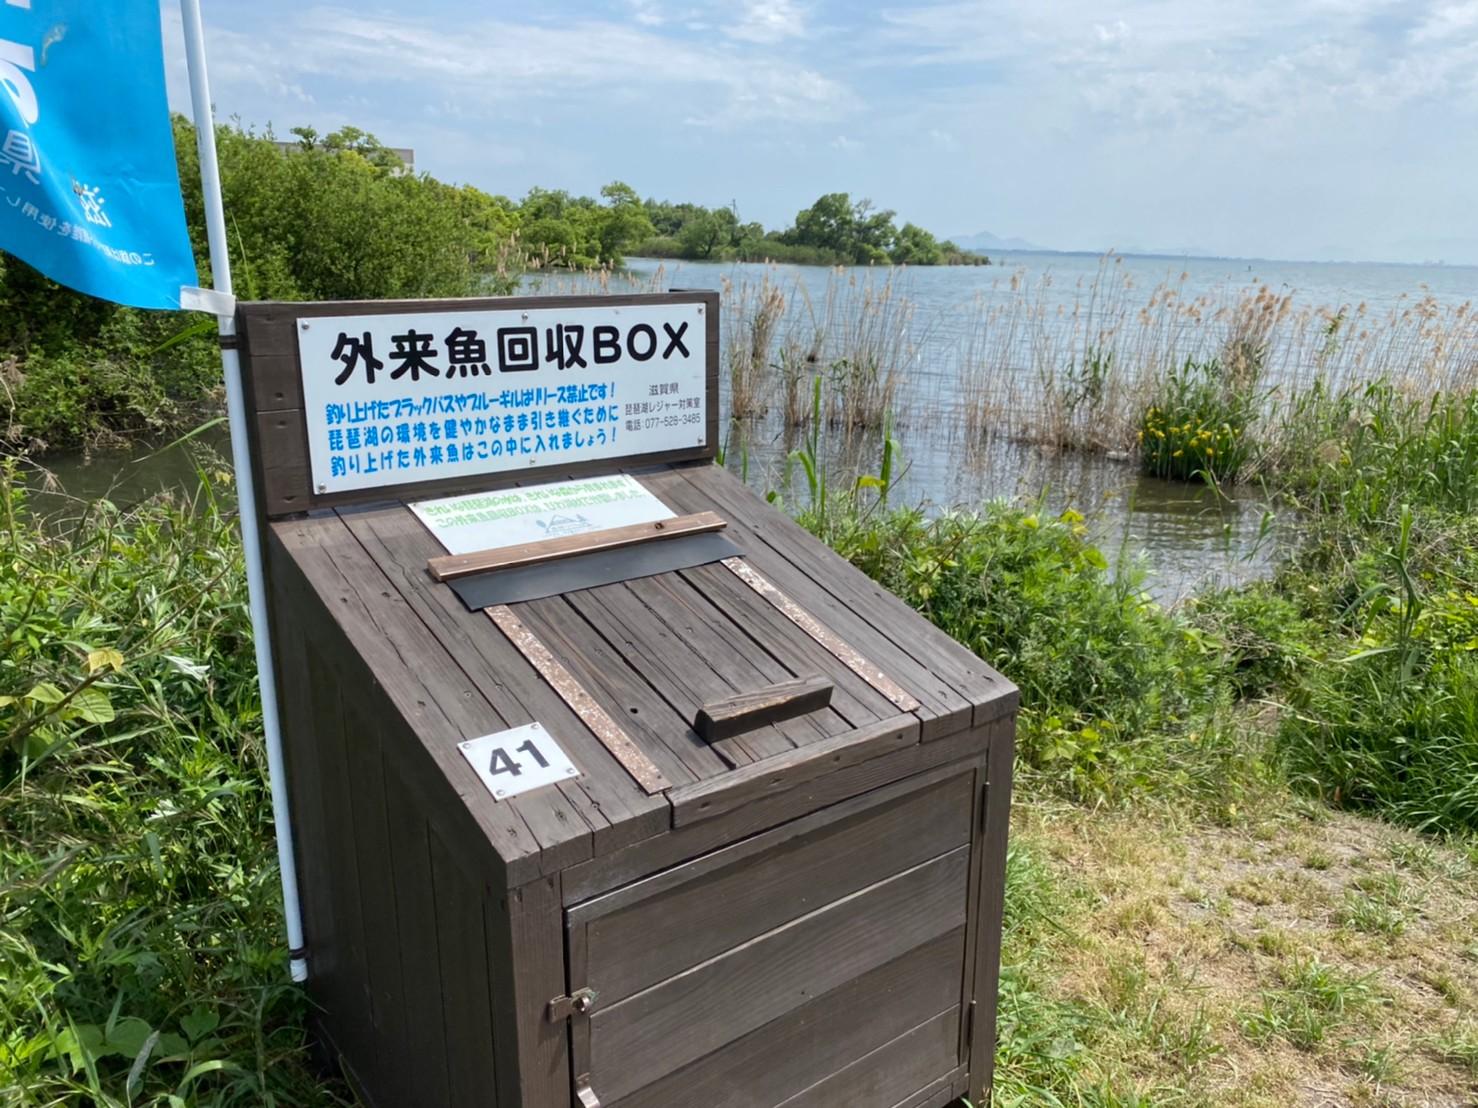 【琵琶湖東 大津市】『カネカ滋賀工場』周辺の釣り場ガイド(釣れる魚・駐車場・トイレ)